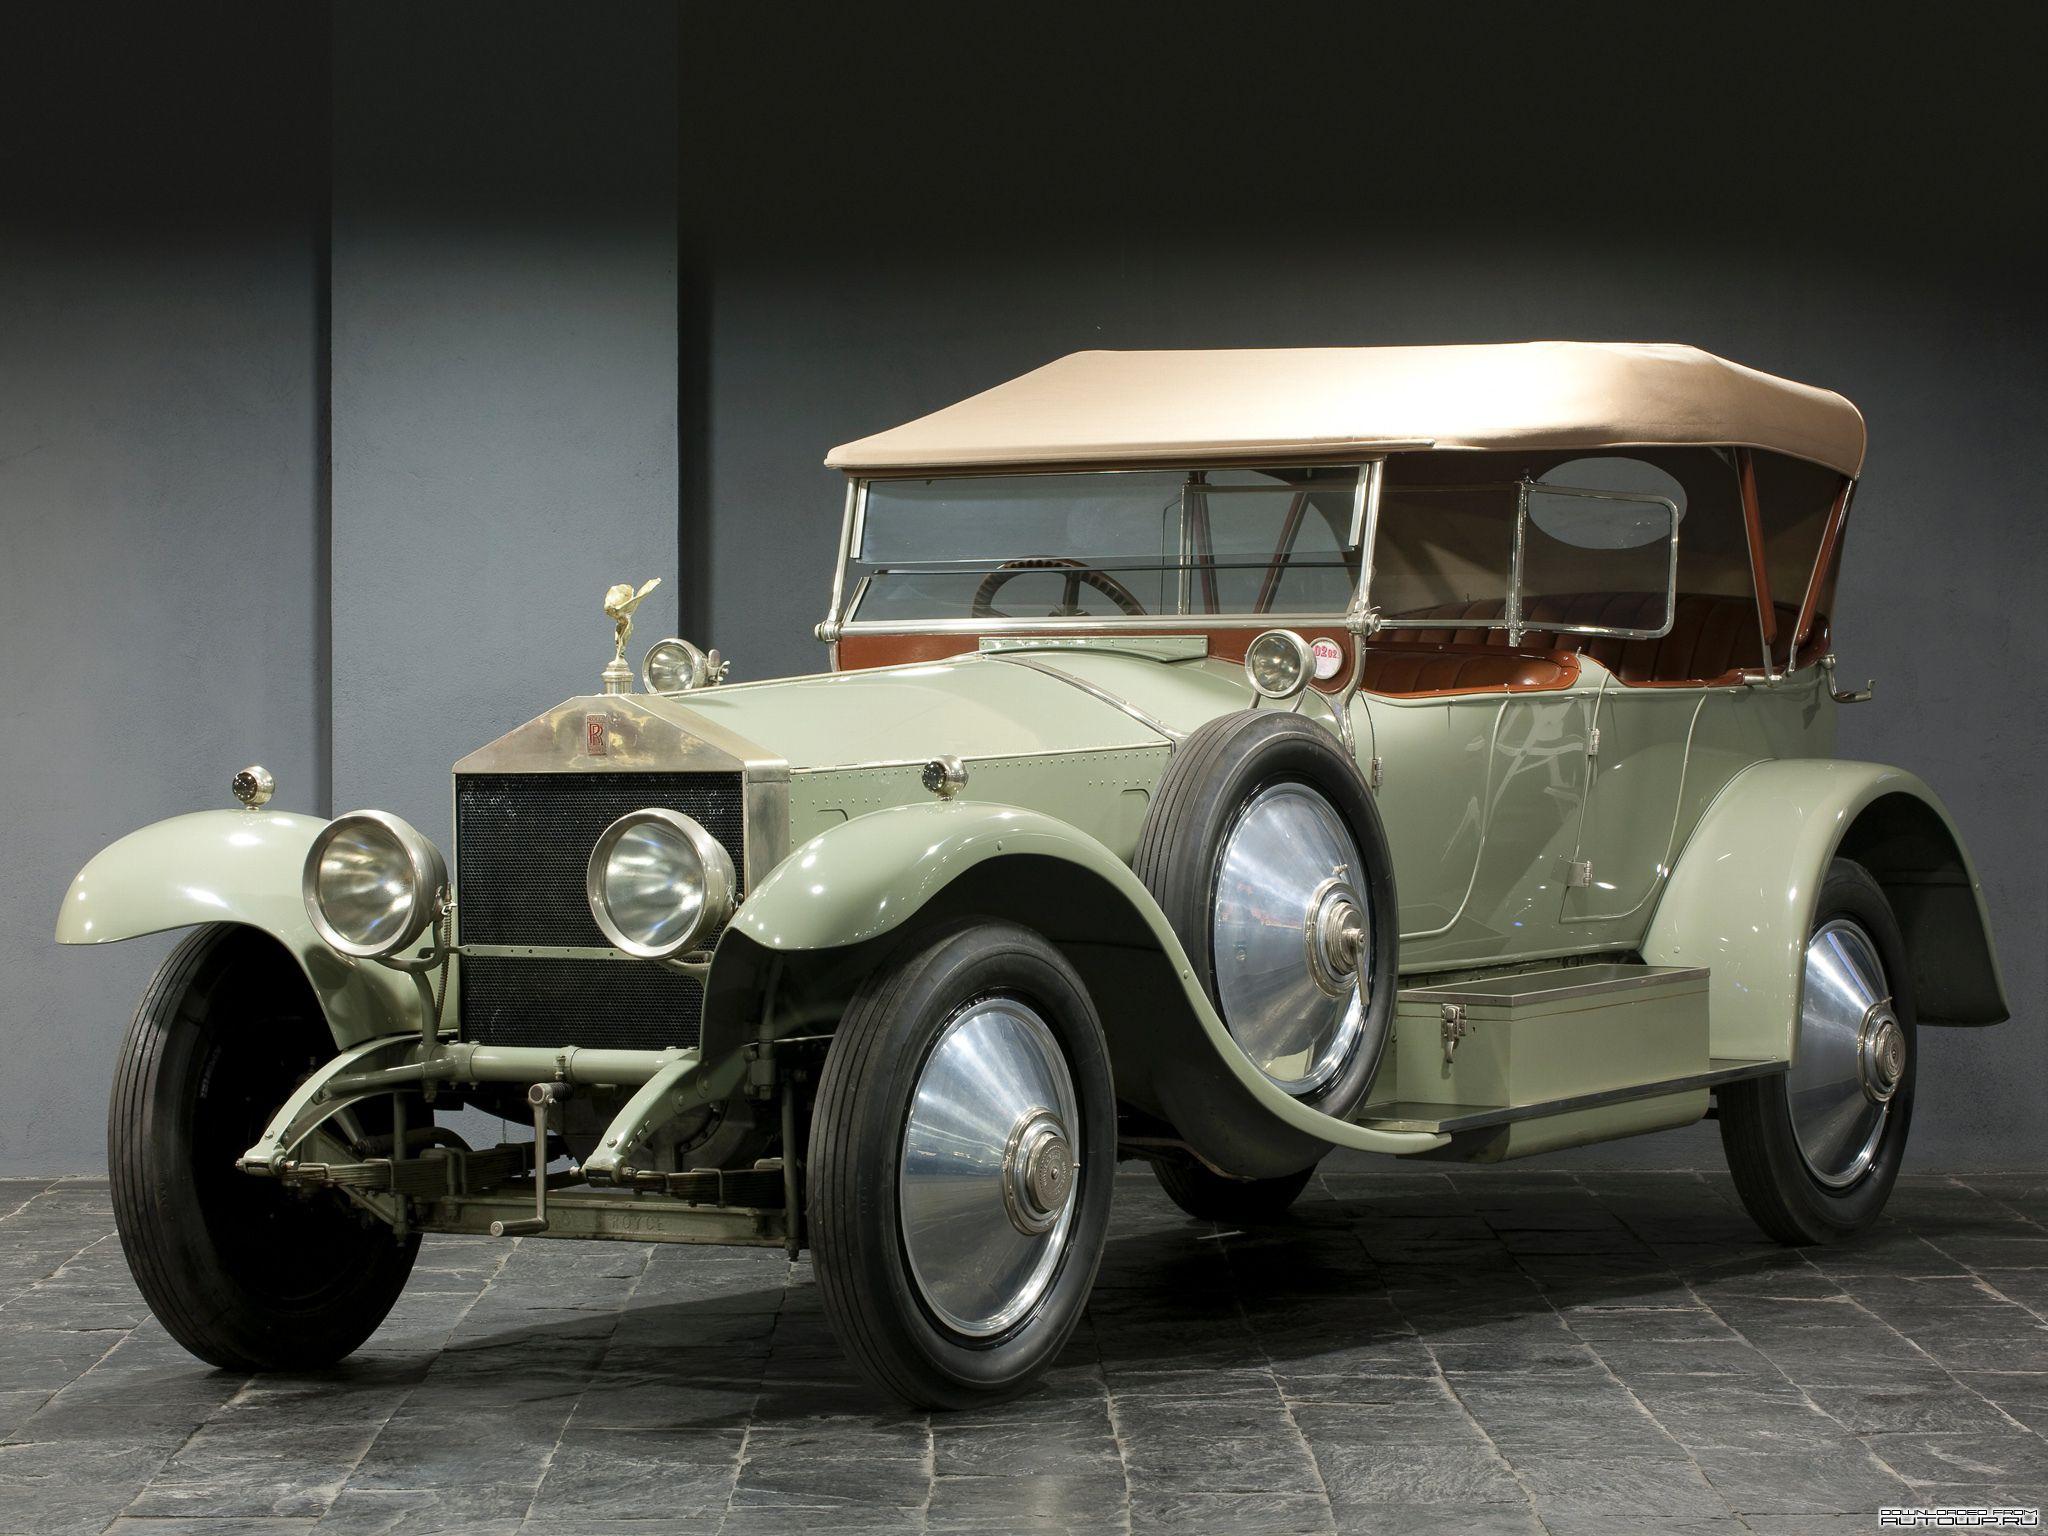 Meraklısına Birbirinden Güzel 26 Klasik Otomobil | Pinterest | Rolls ...